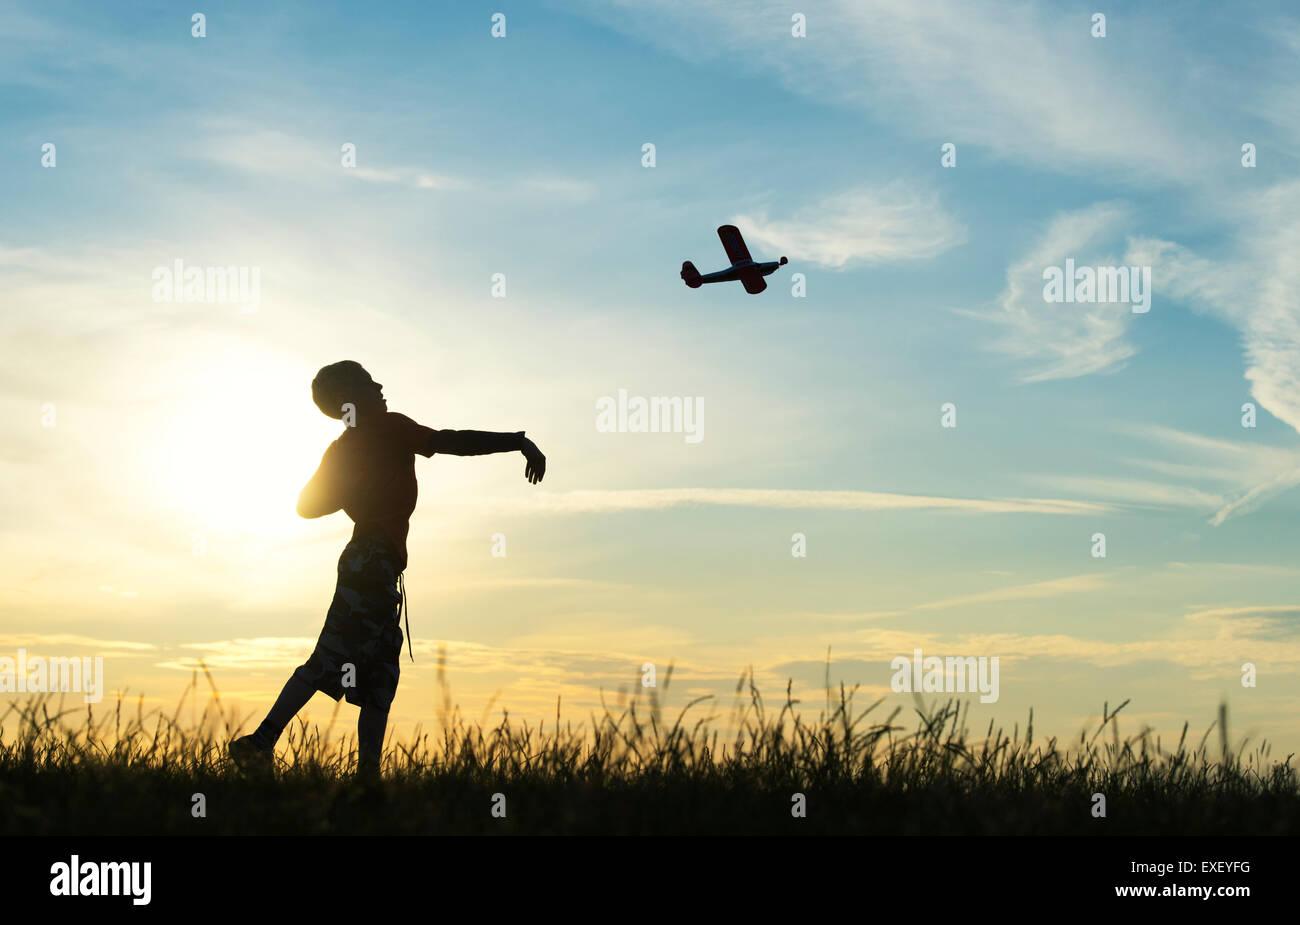 Ragazzo gettando un modello di aereo al tramonto. Silhouette Immagini Stock